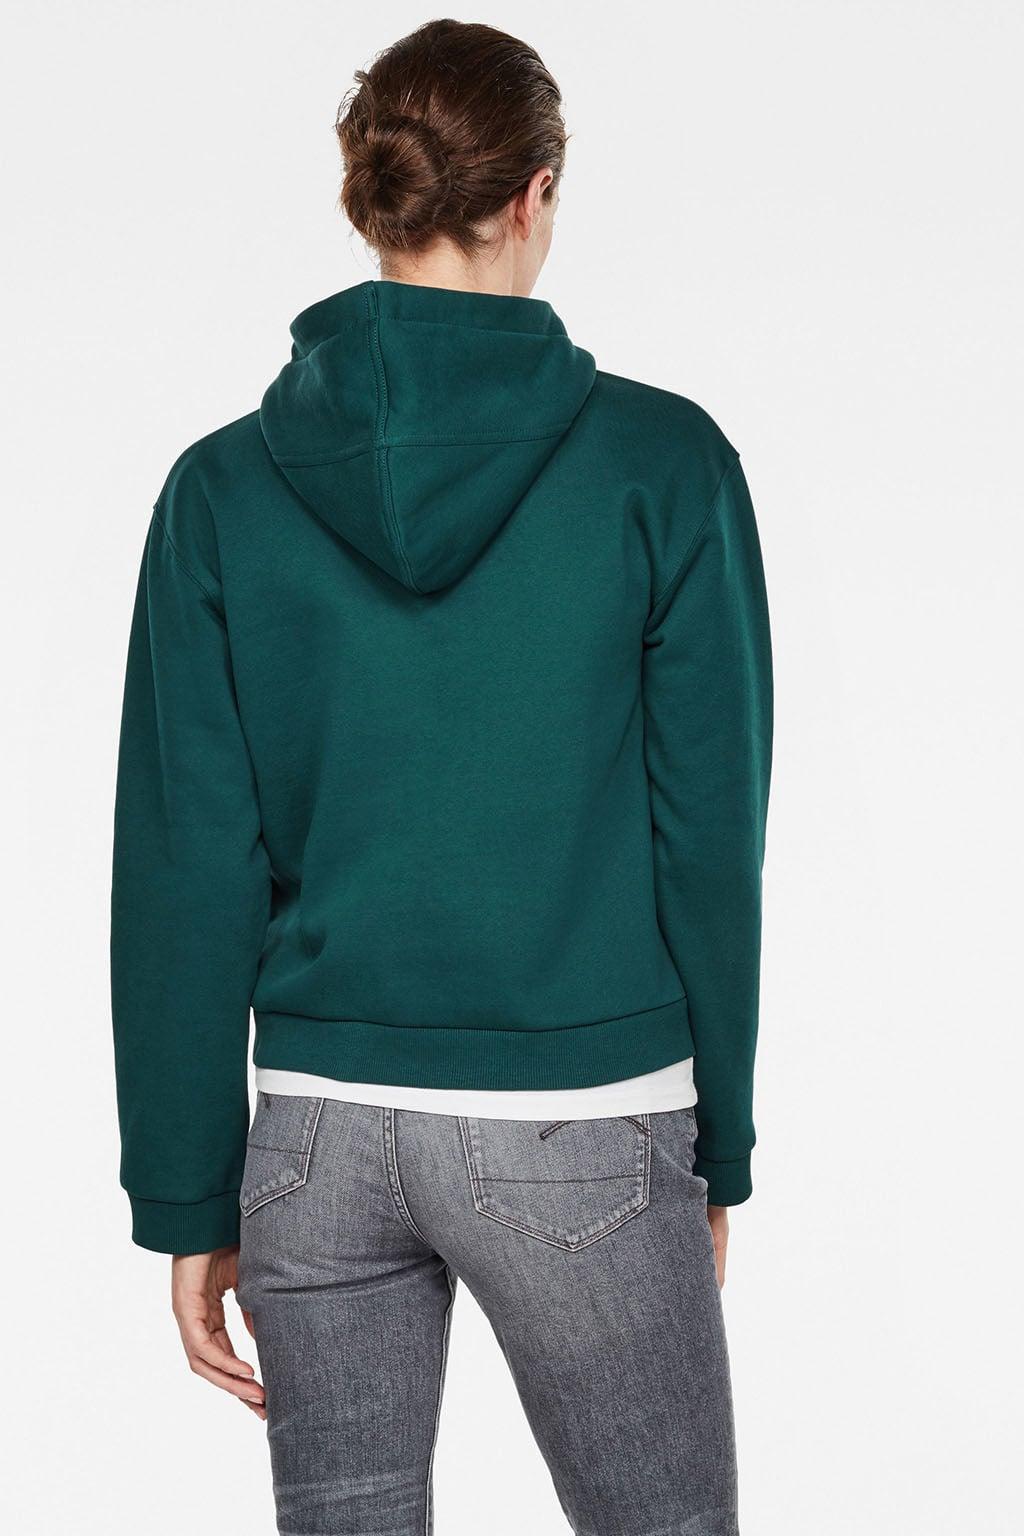 G star raw graphic 21 lynaz hoodie groen koop je